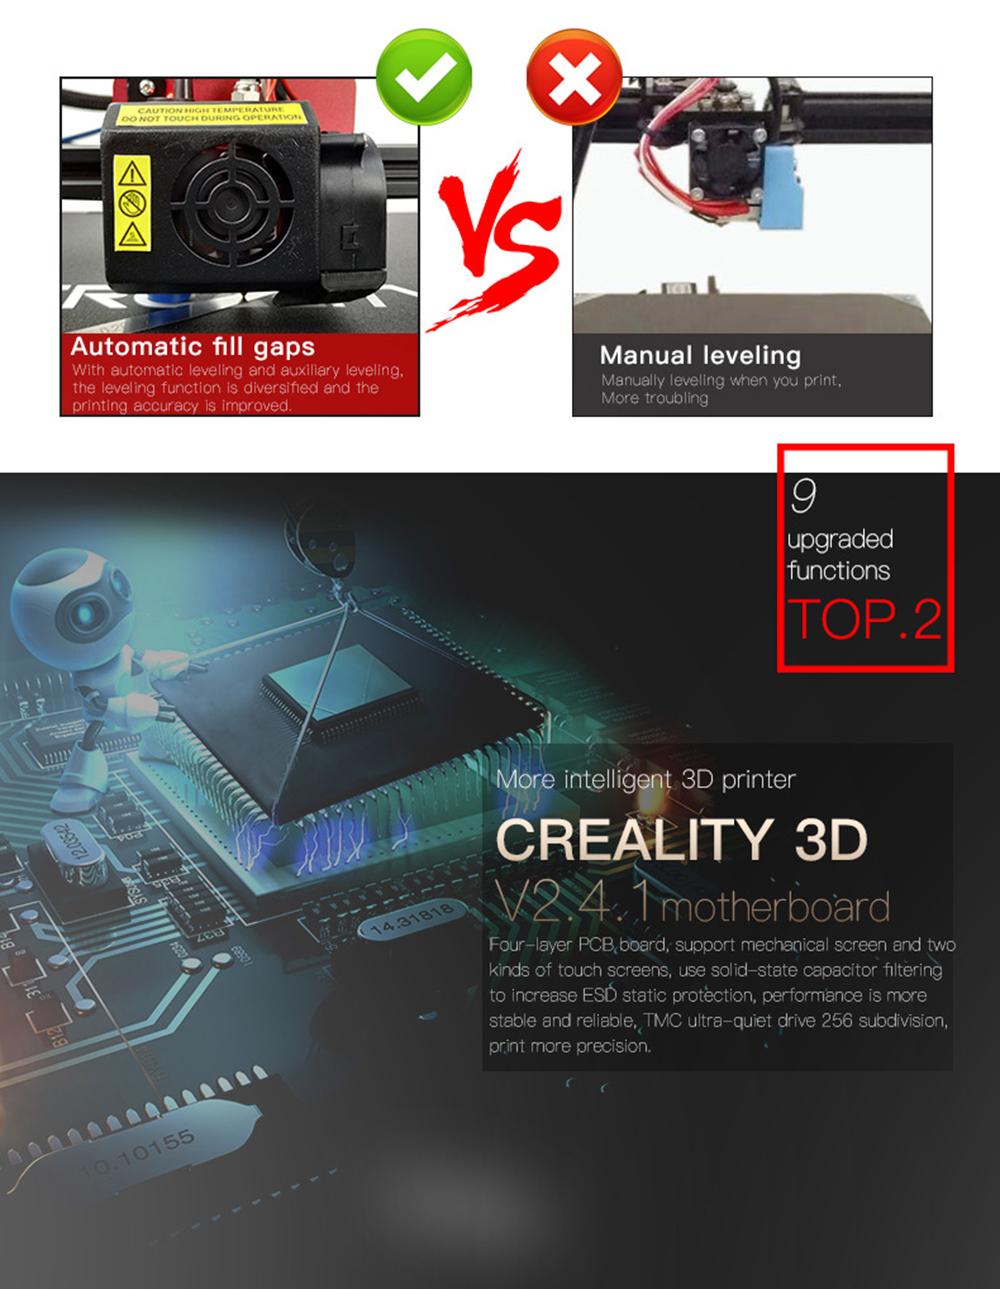 Creality3D CR-10S Pro 3D-Drucker Bausatz - 300x300x400mm - V2.4.1 Steuerplatine für noch höhere Präzision